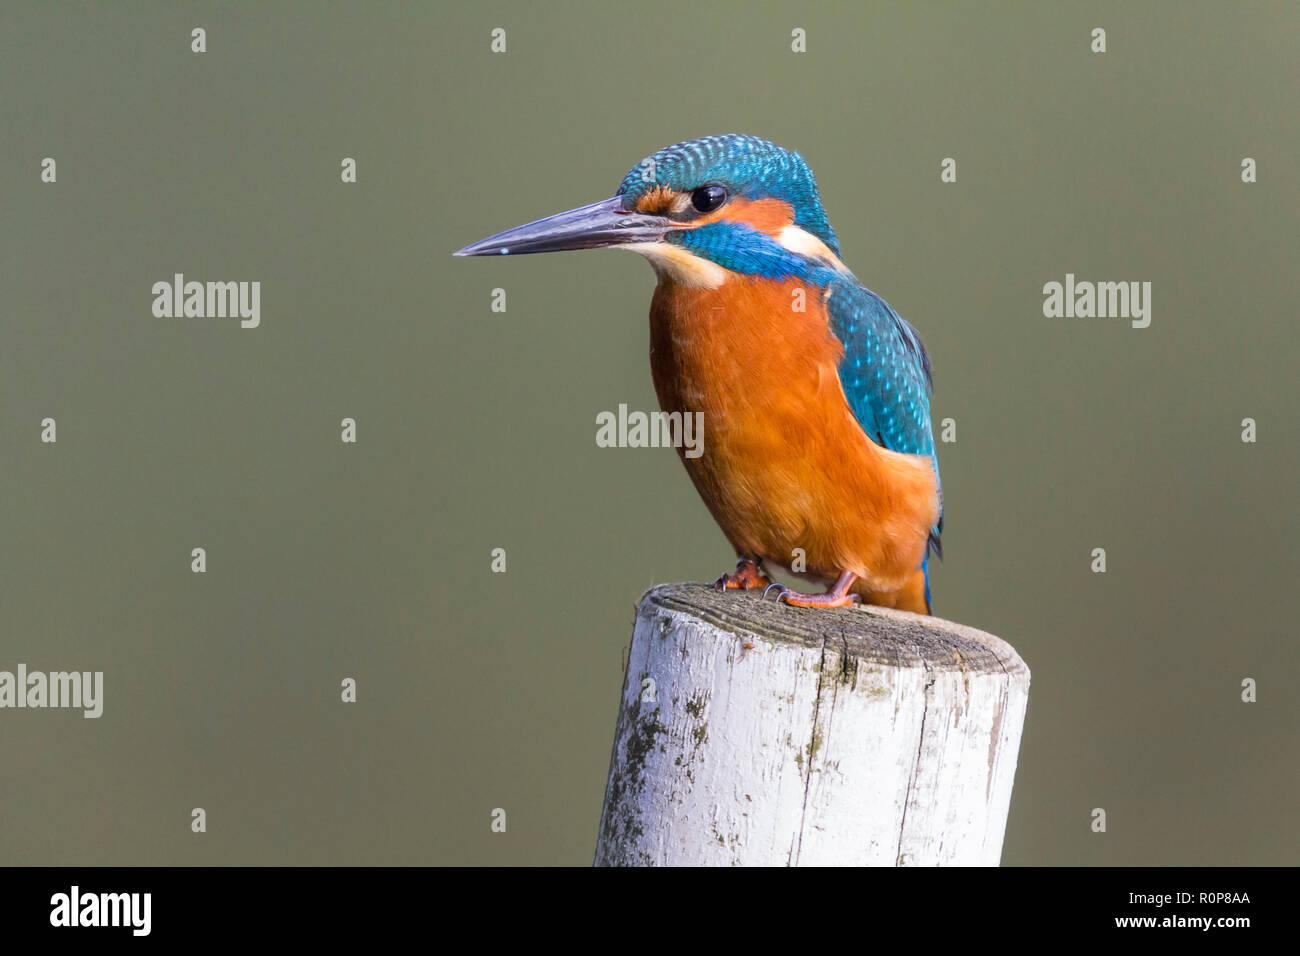 El martín pescador (Alcedo atthis) cerrar arriba encaramado en el poste derecho delante de pájaros. Gran daga como pico negro (macho) color azul eléctrico y naranja el plumaje. Imagen De Stock